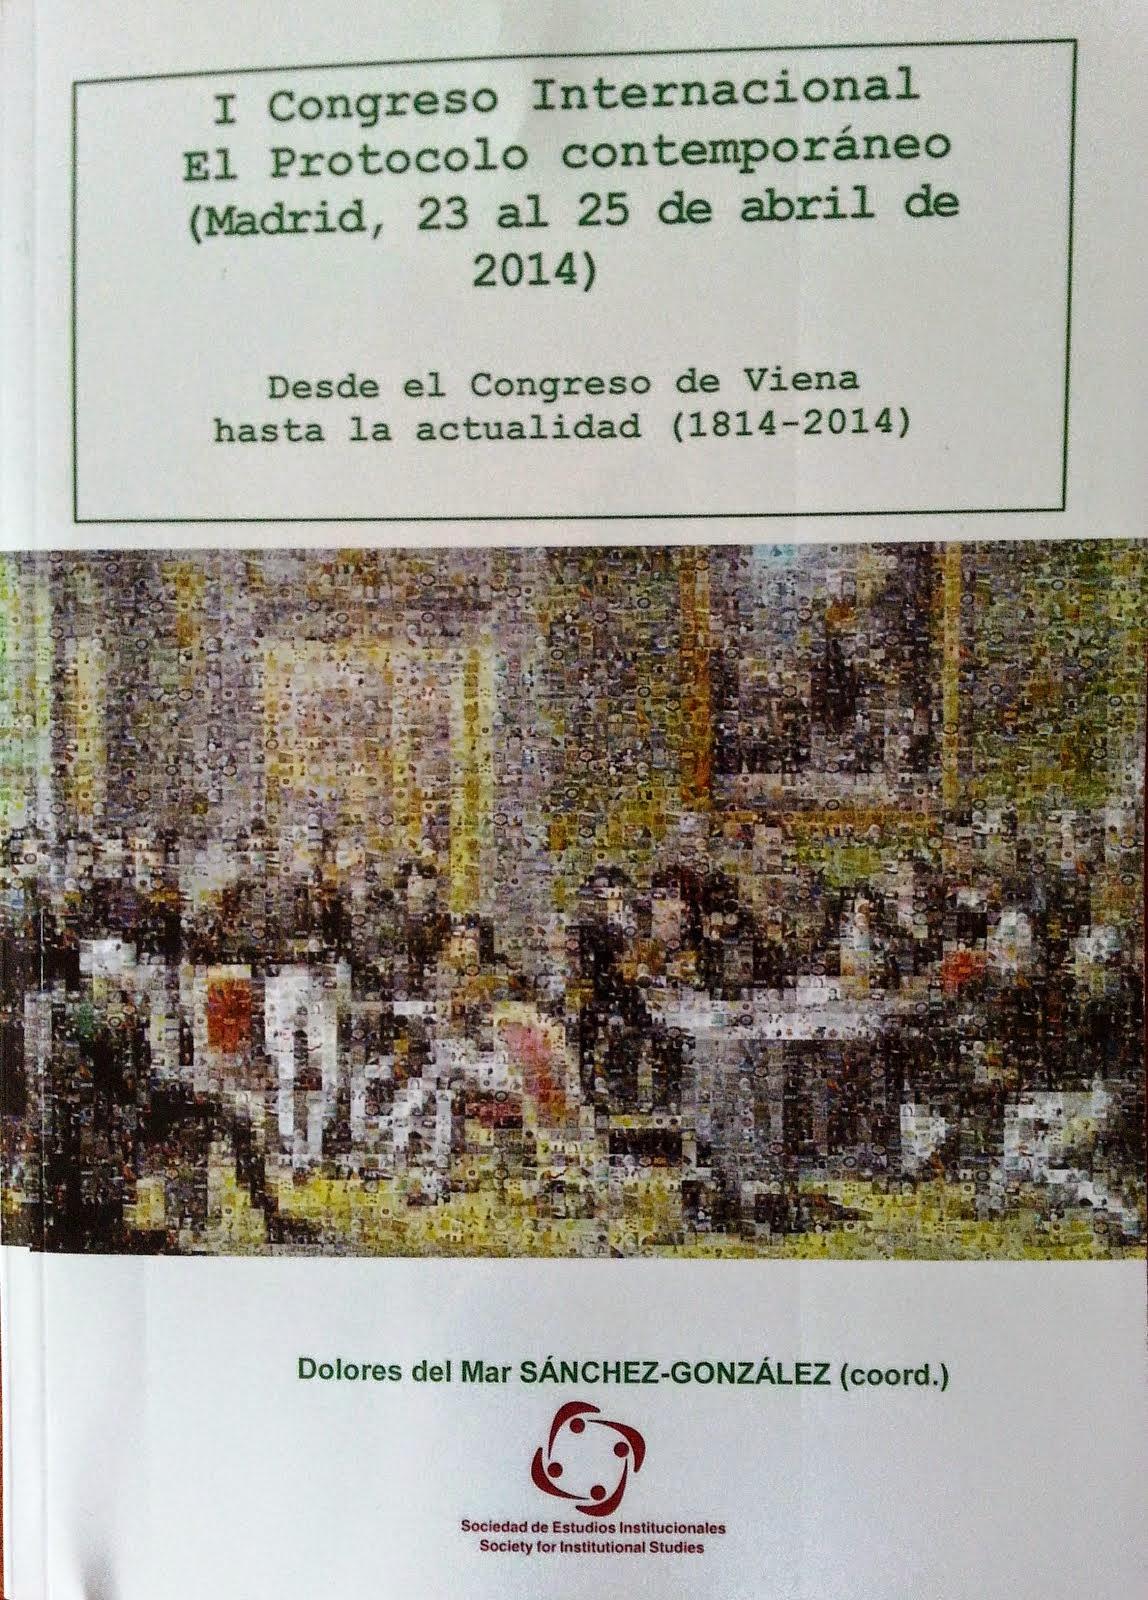 El Protocolo Contemporáneo. I Congreso Internacional (2014)